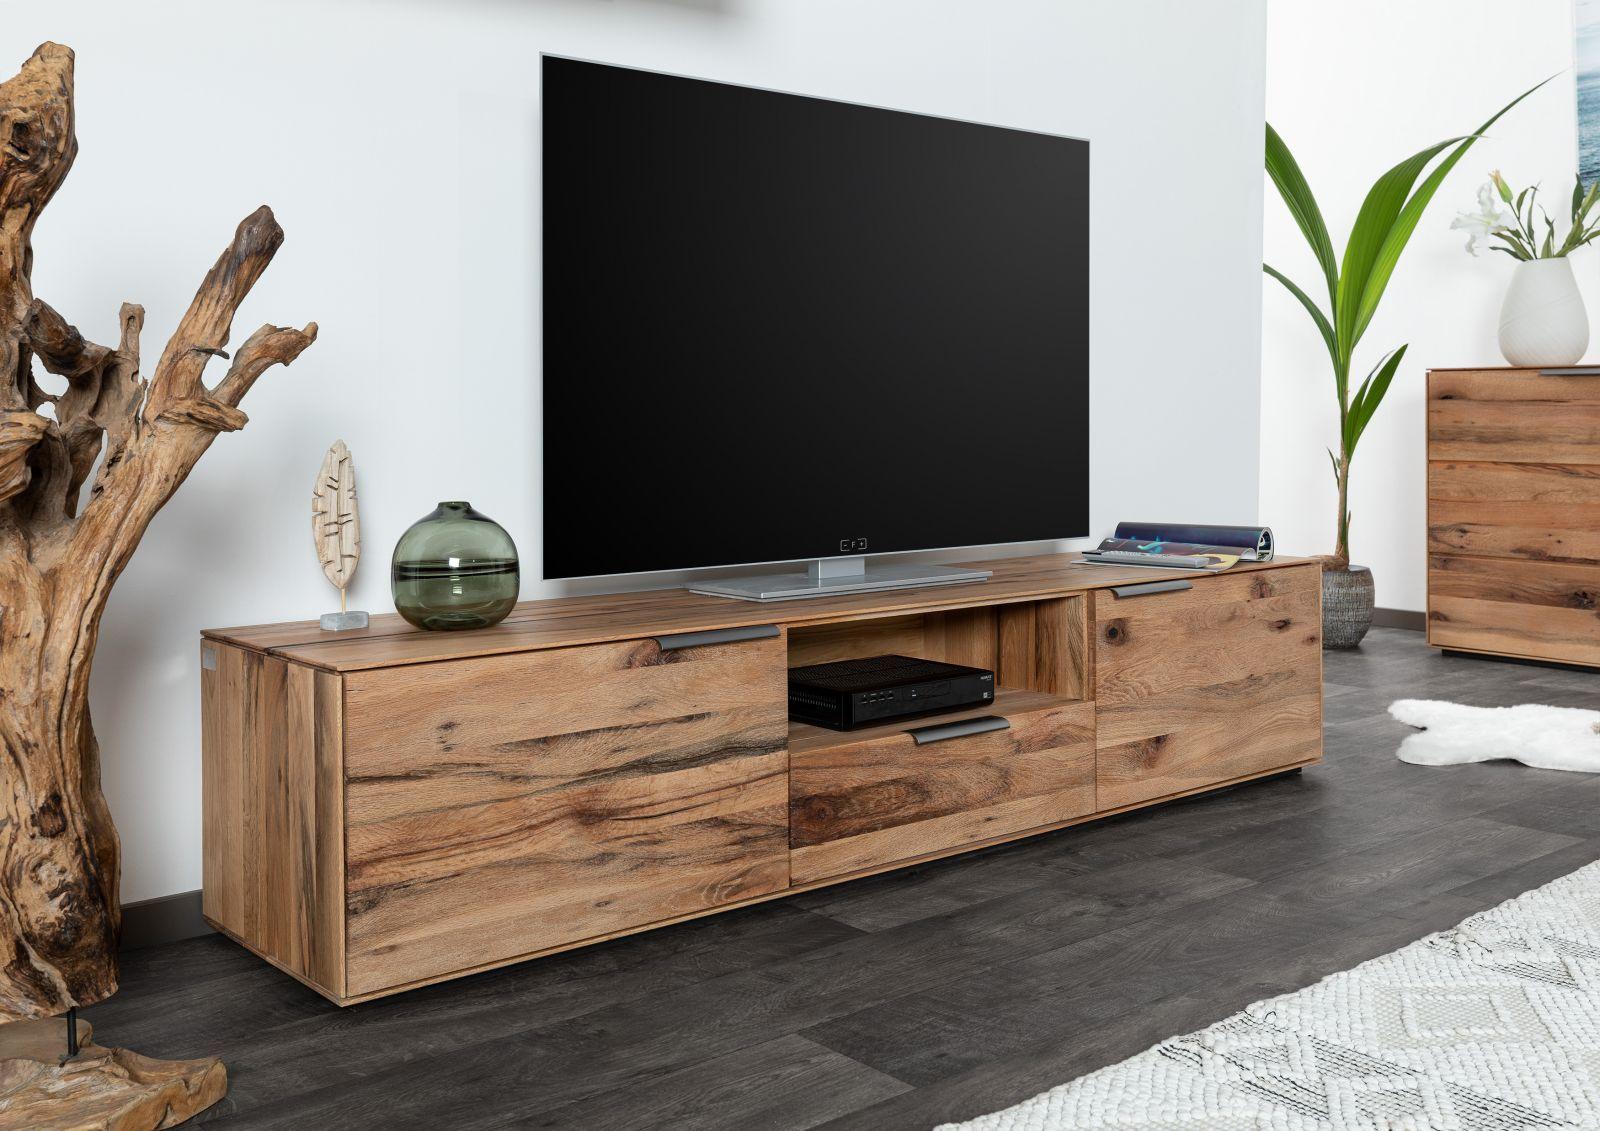 Tv Rack Online Gunstig Mobel Kaufen Berlin Hifi Schrank Eiche Massiv Fernsehtisch Holz Kaufen Tv Fernsehtisch Holz Gunstig Mobel Kaufen Gunstige Mobel